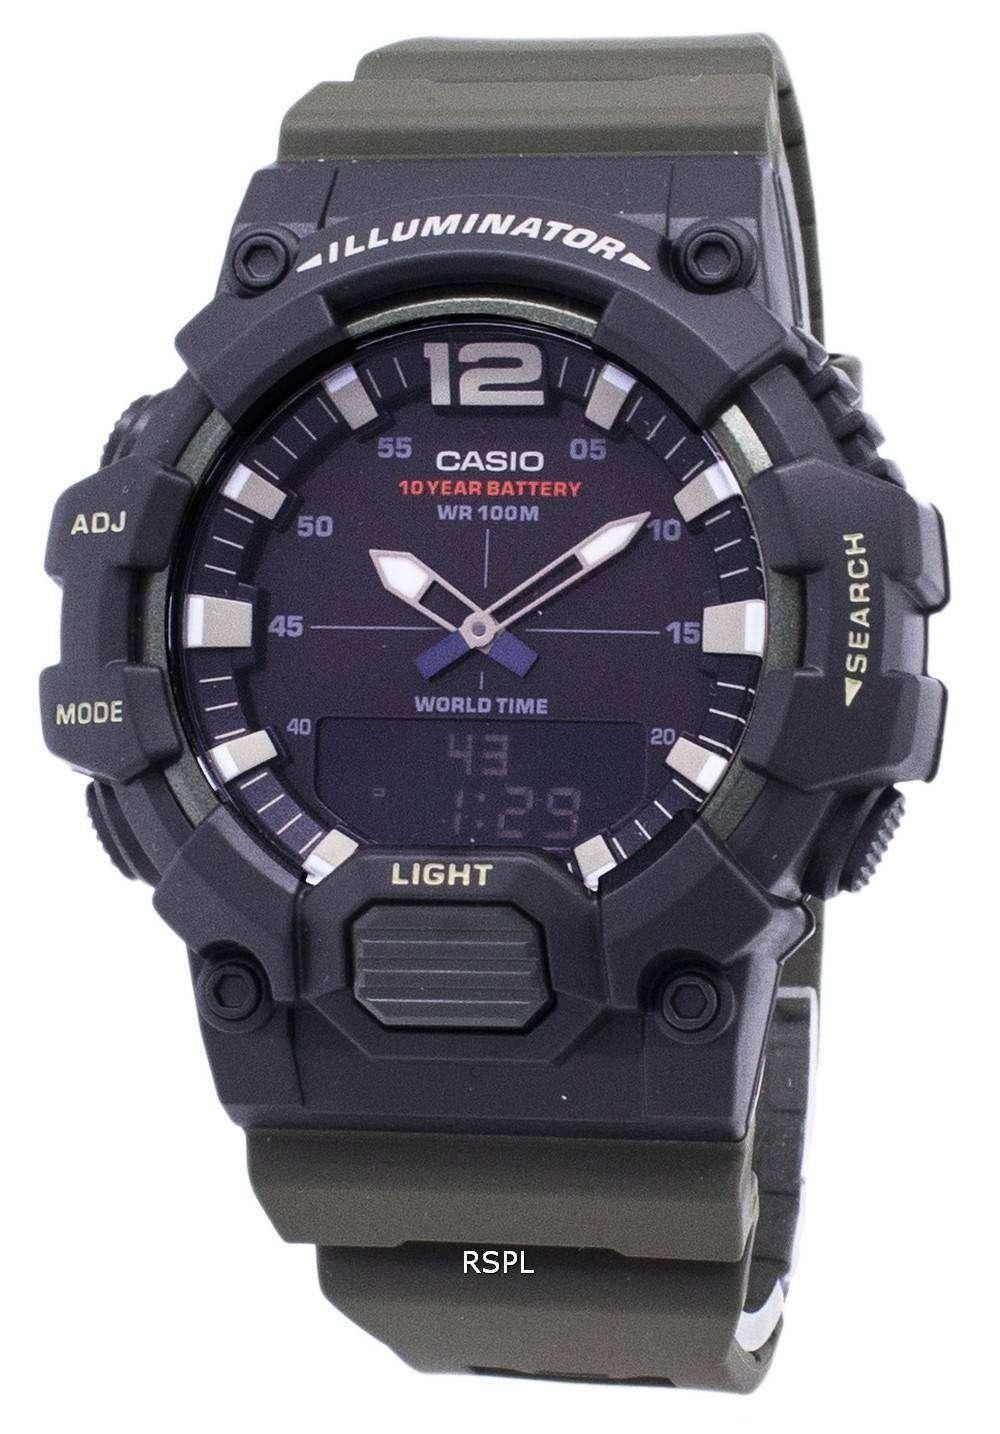 zapatos deportivos fa375 a4bee Reloj juvenil Casio HDC-700-3AV iluminador cuarzo analógico Digital de los  hombres